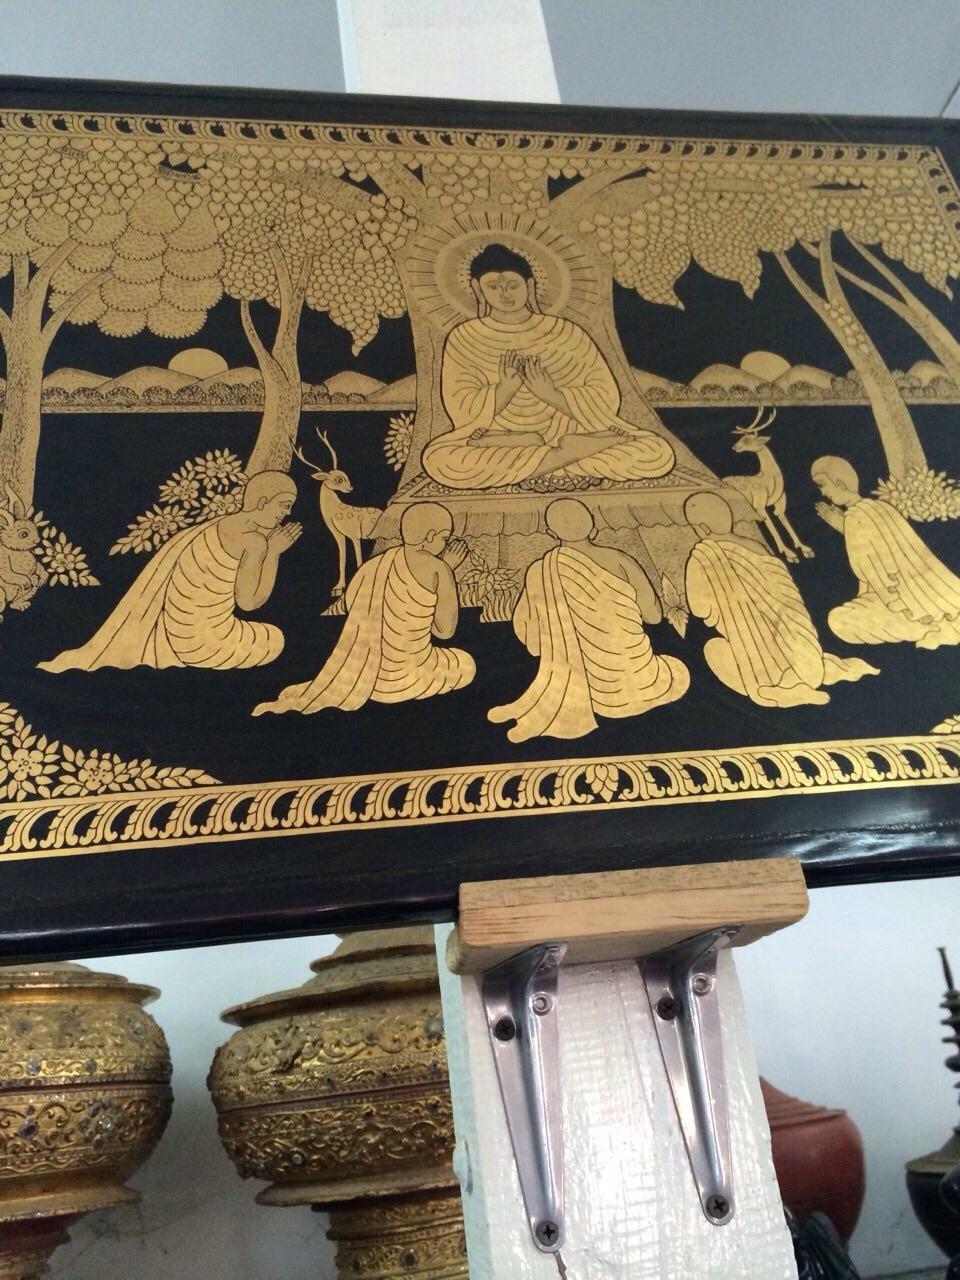 金を使ったバガン塗りの、仏陀とそれを囲む僧たちの絵